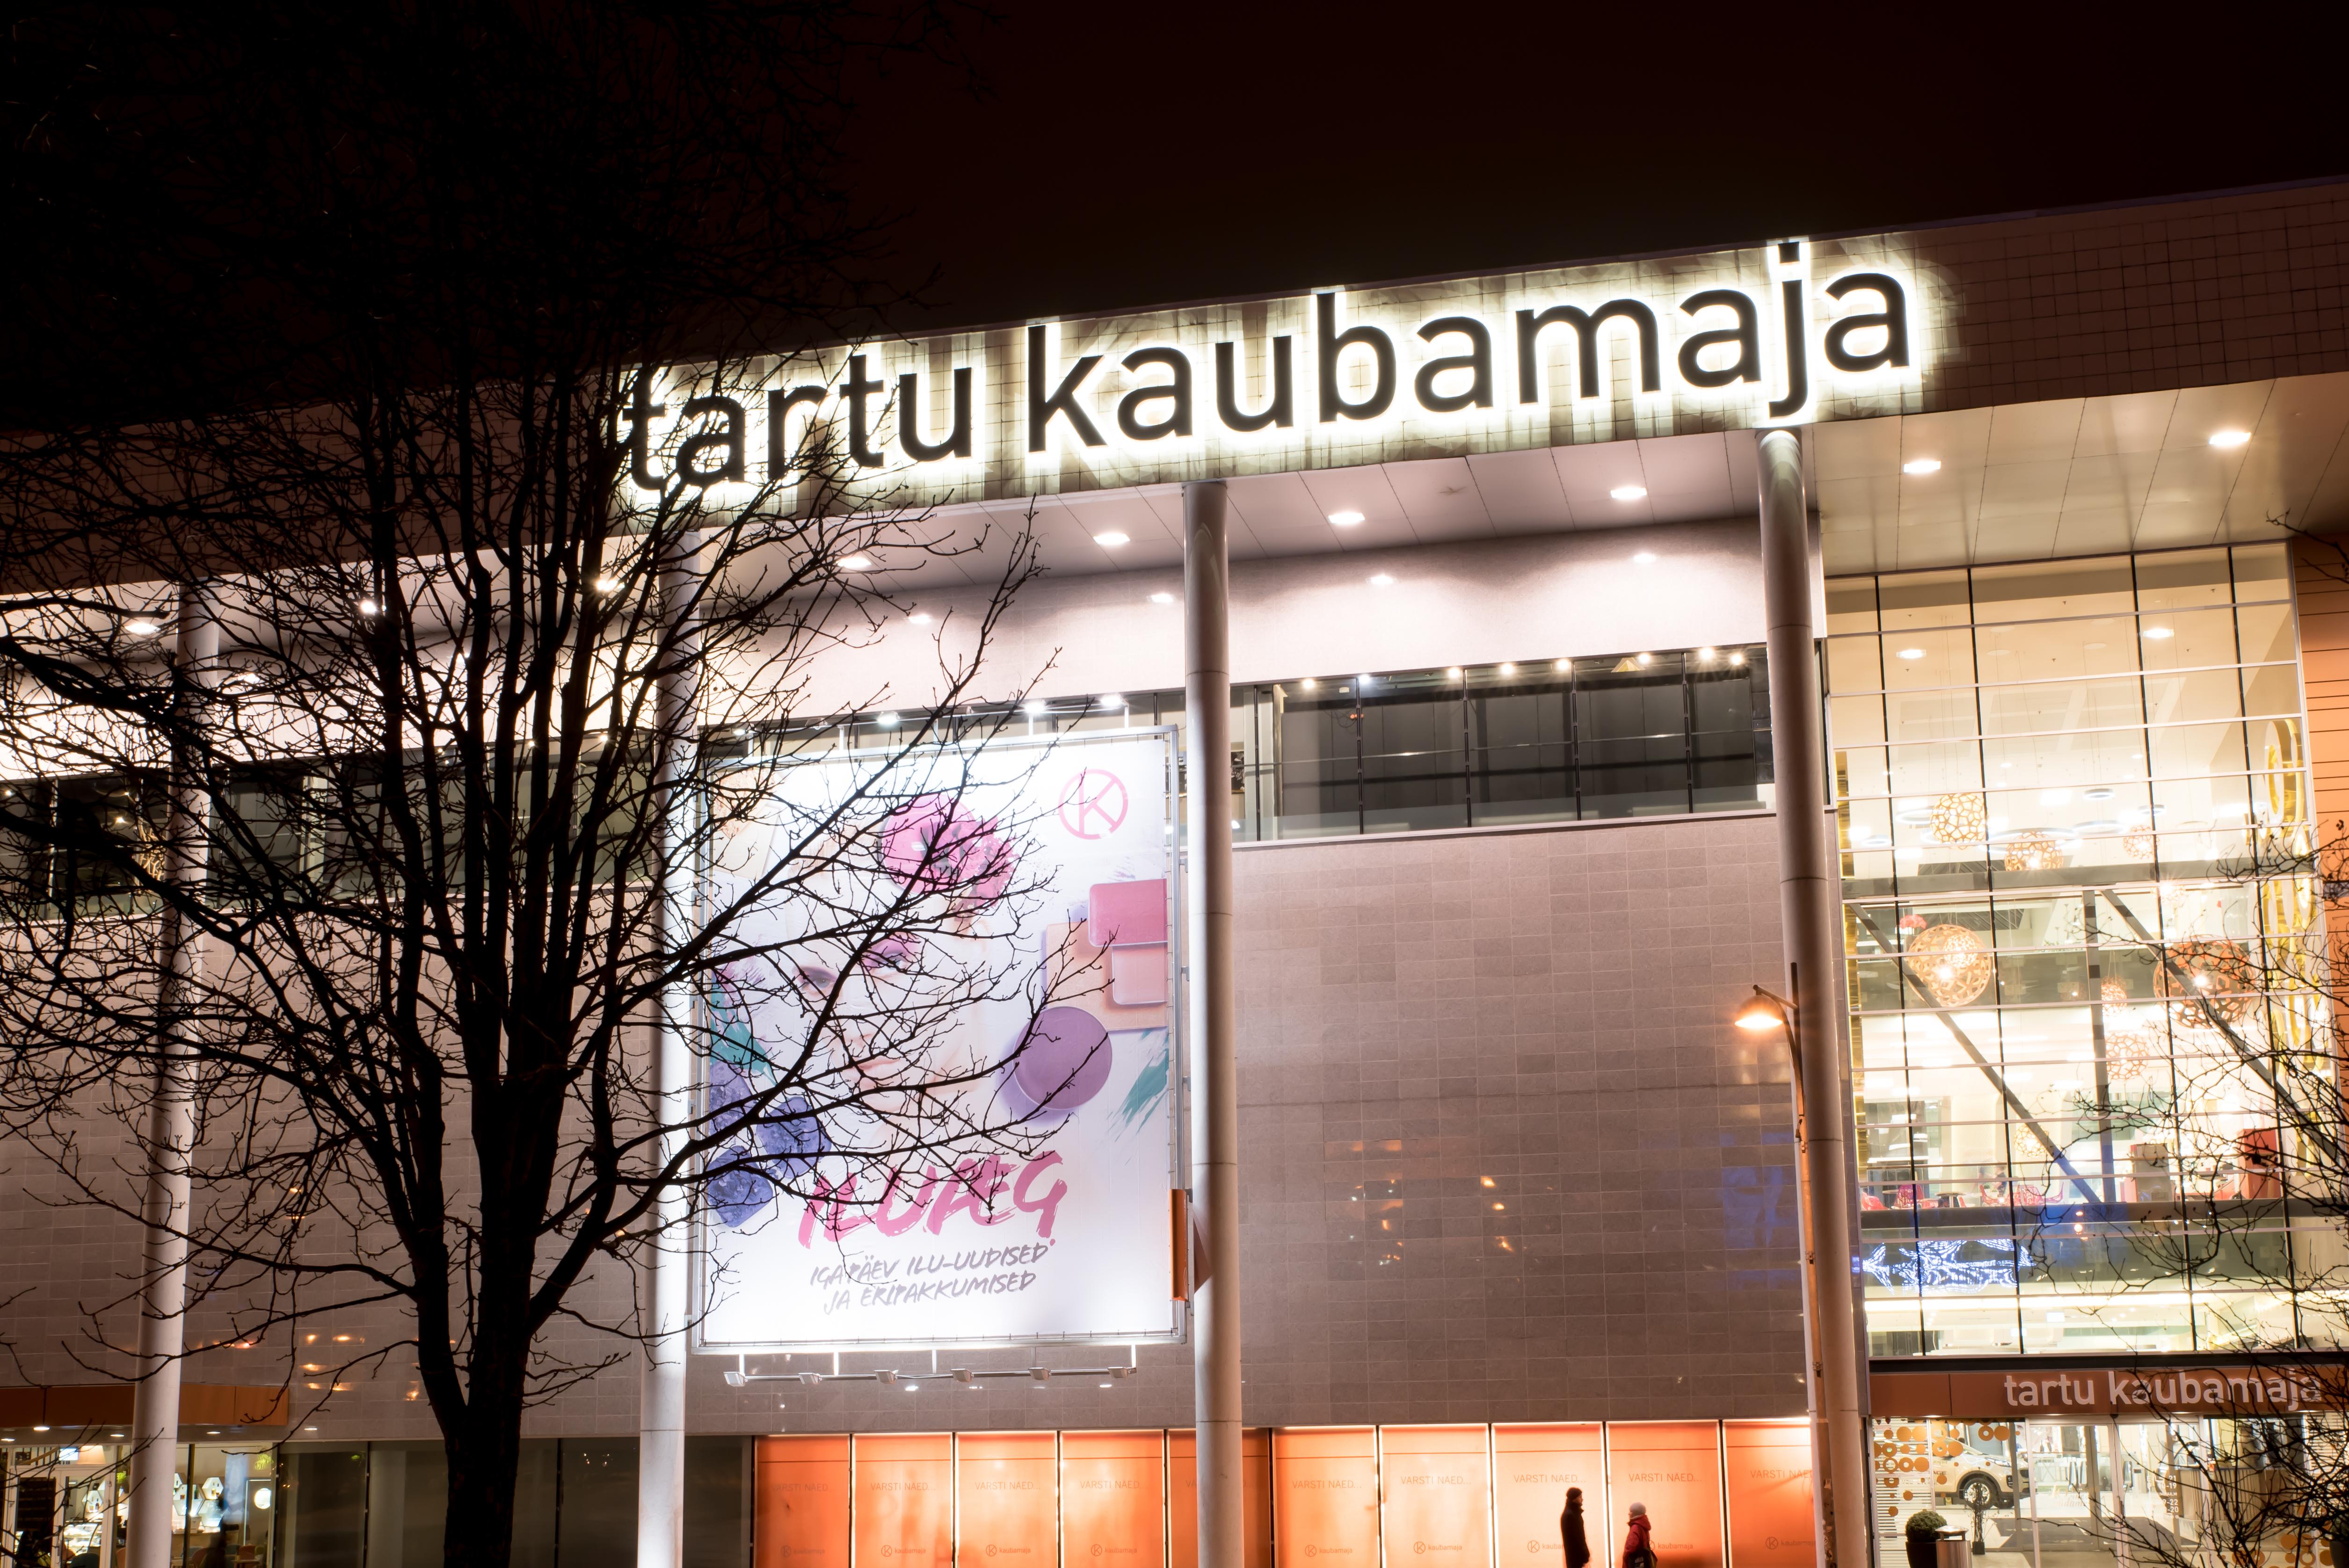 f6f5aba18e1 Tartu Kaubamaja keskus investeeris renoveerimisse 4 miljonit eurot –  Adaur.ee: kinnisvaraturg peopesal